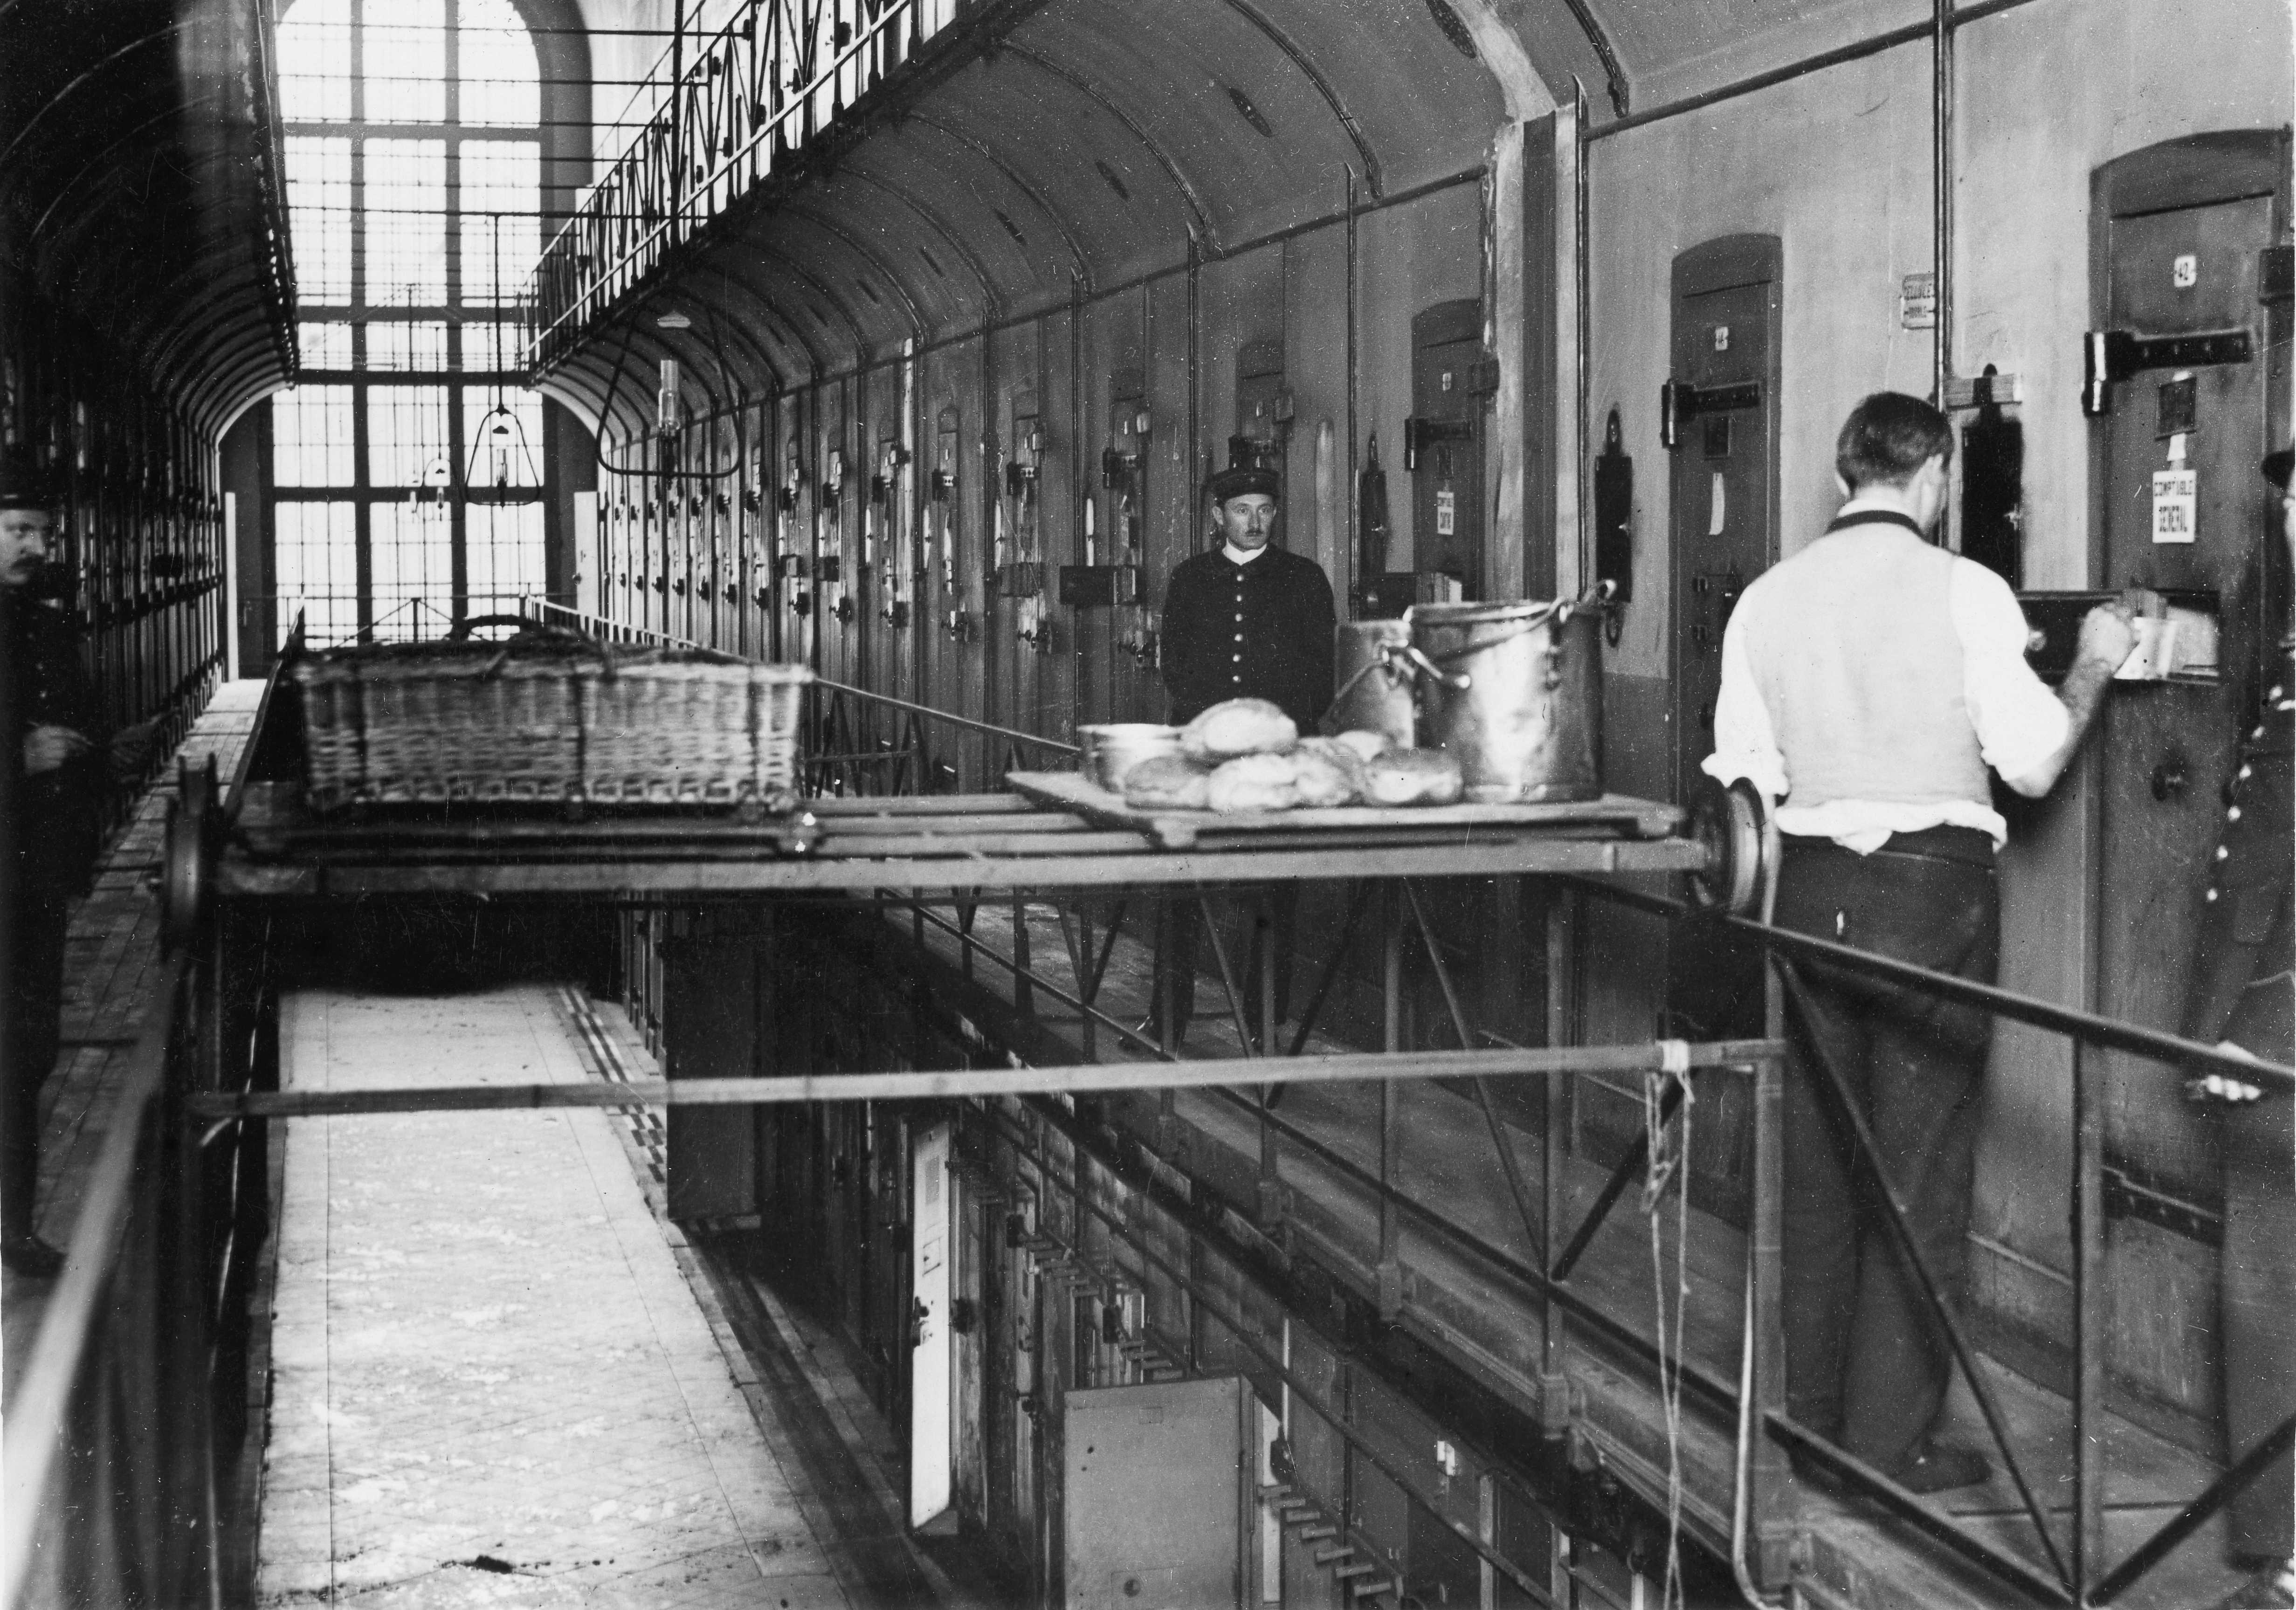 Henri Manuel, Prison de la Santé. Pont roulant permettant de distribuer la nourriture, vers 1929-1931 [BNF, Estampes et photographie, S198 Qe 1123].